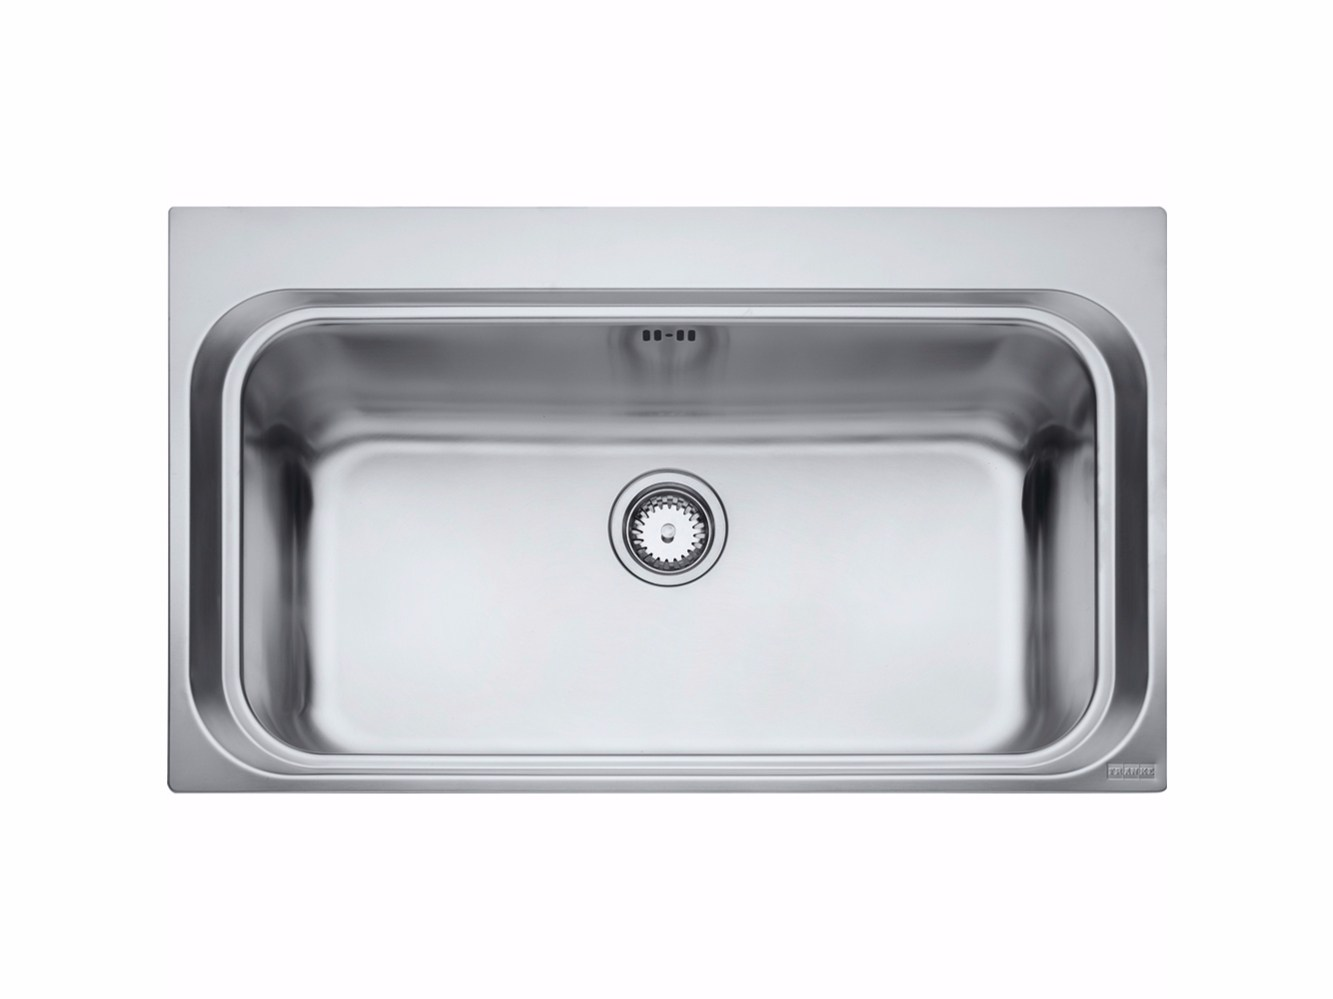 Lavello a una vasca da incasso in acciaio inox aex 610 by - Lavandino cucina una vasca ...